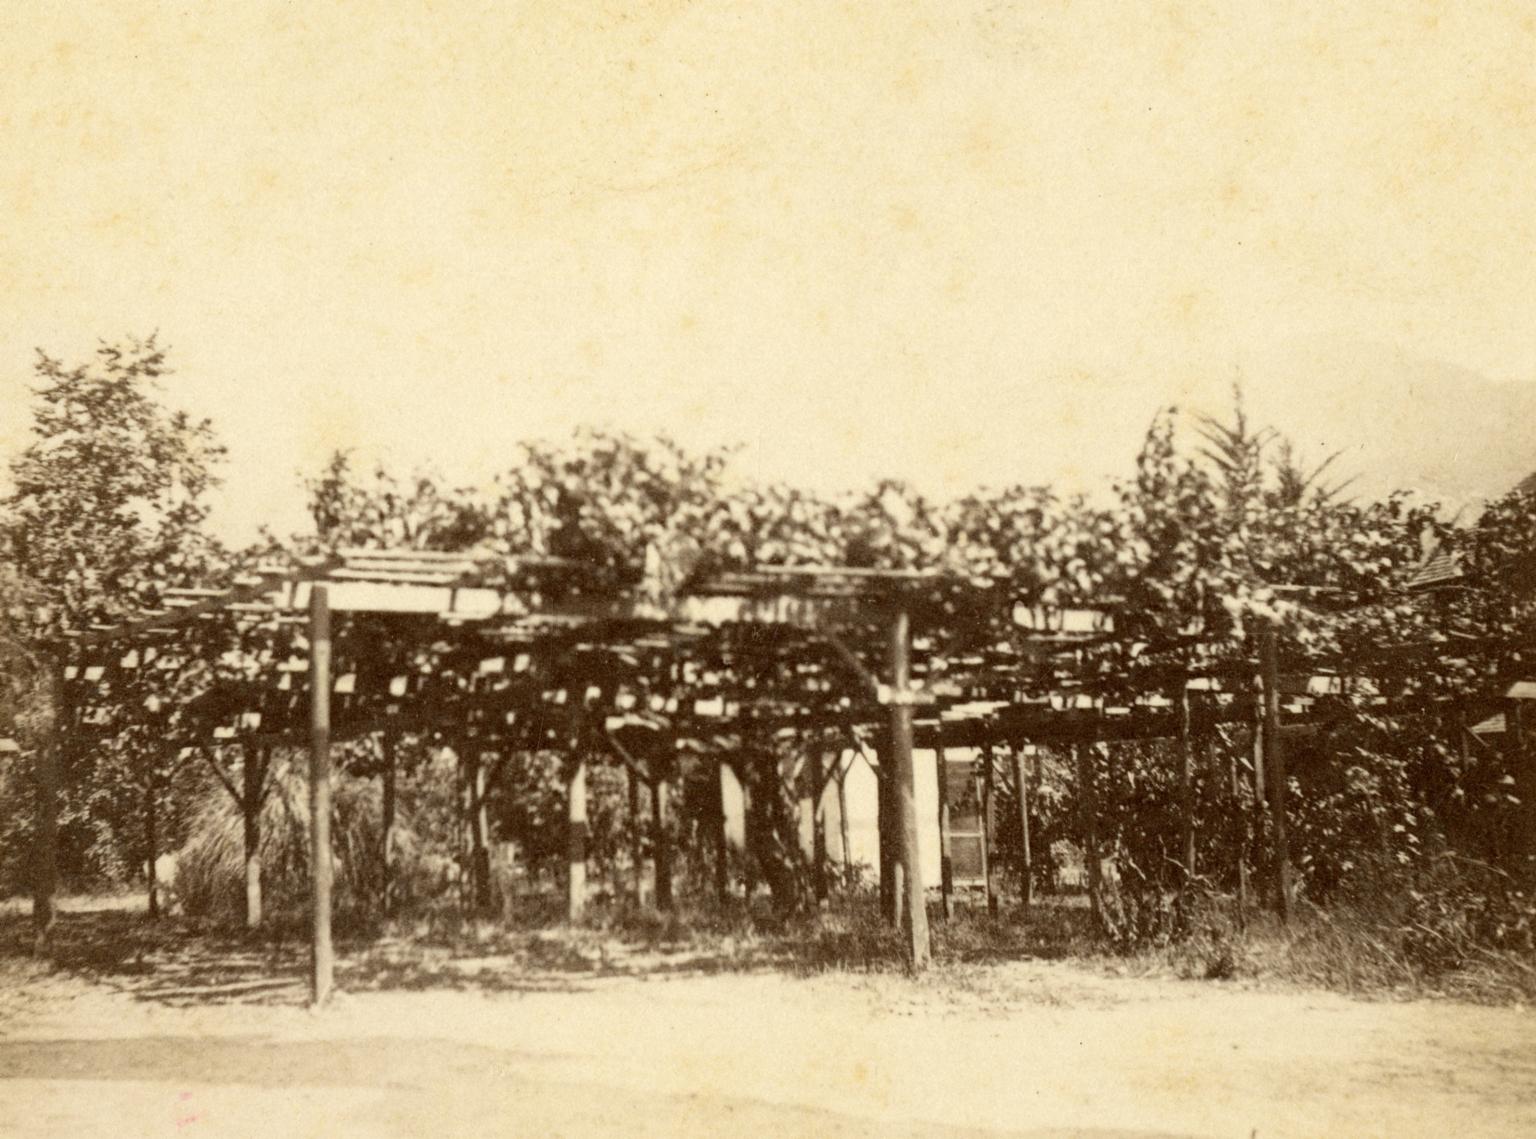 Carpinteria Grapevine